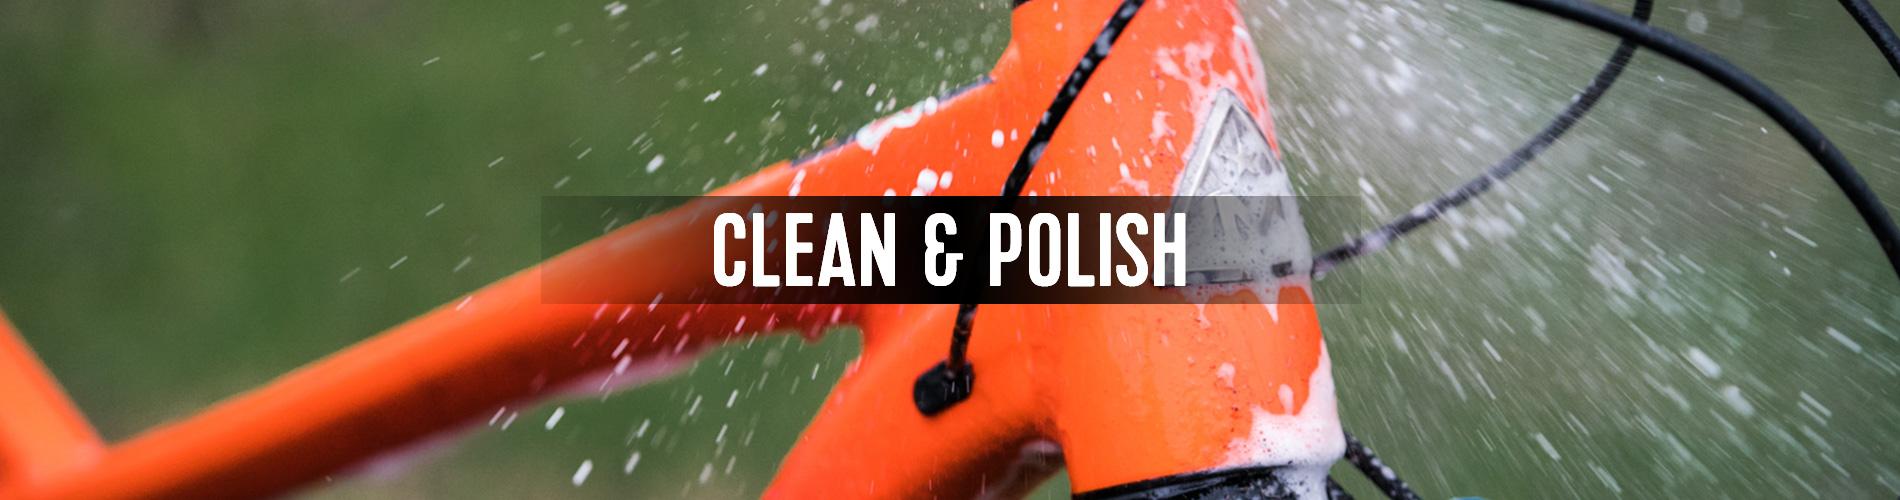 Clean & Polish